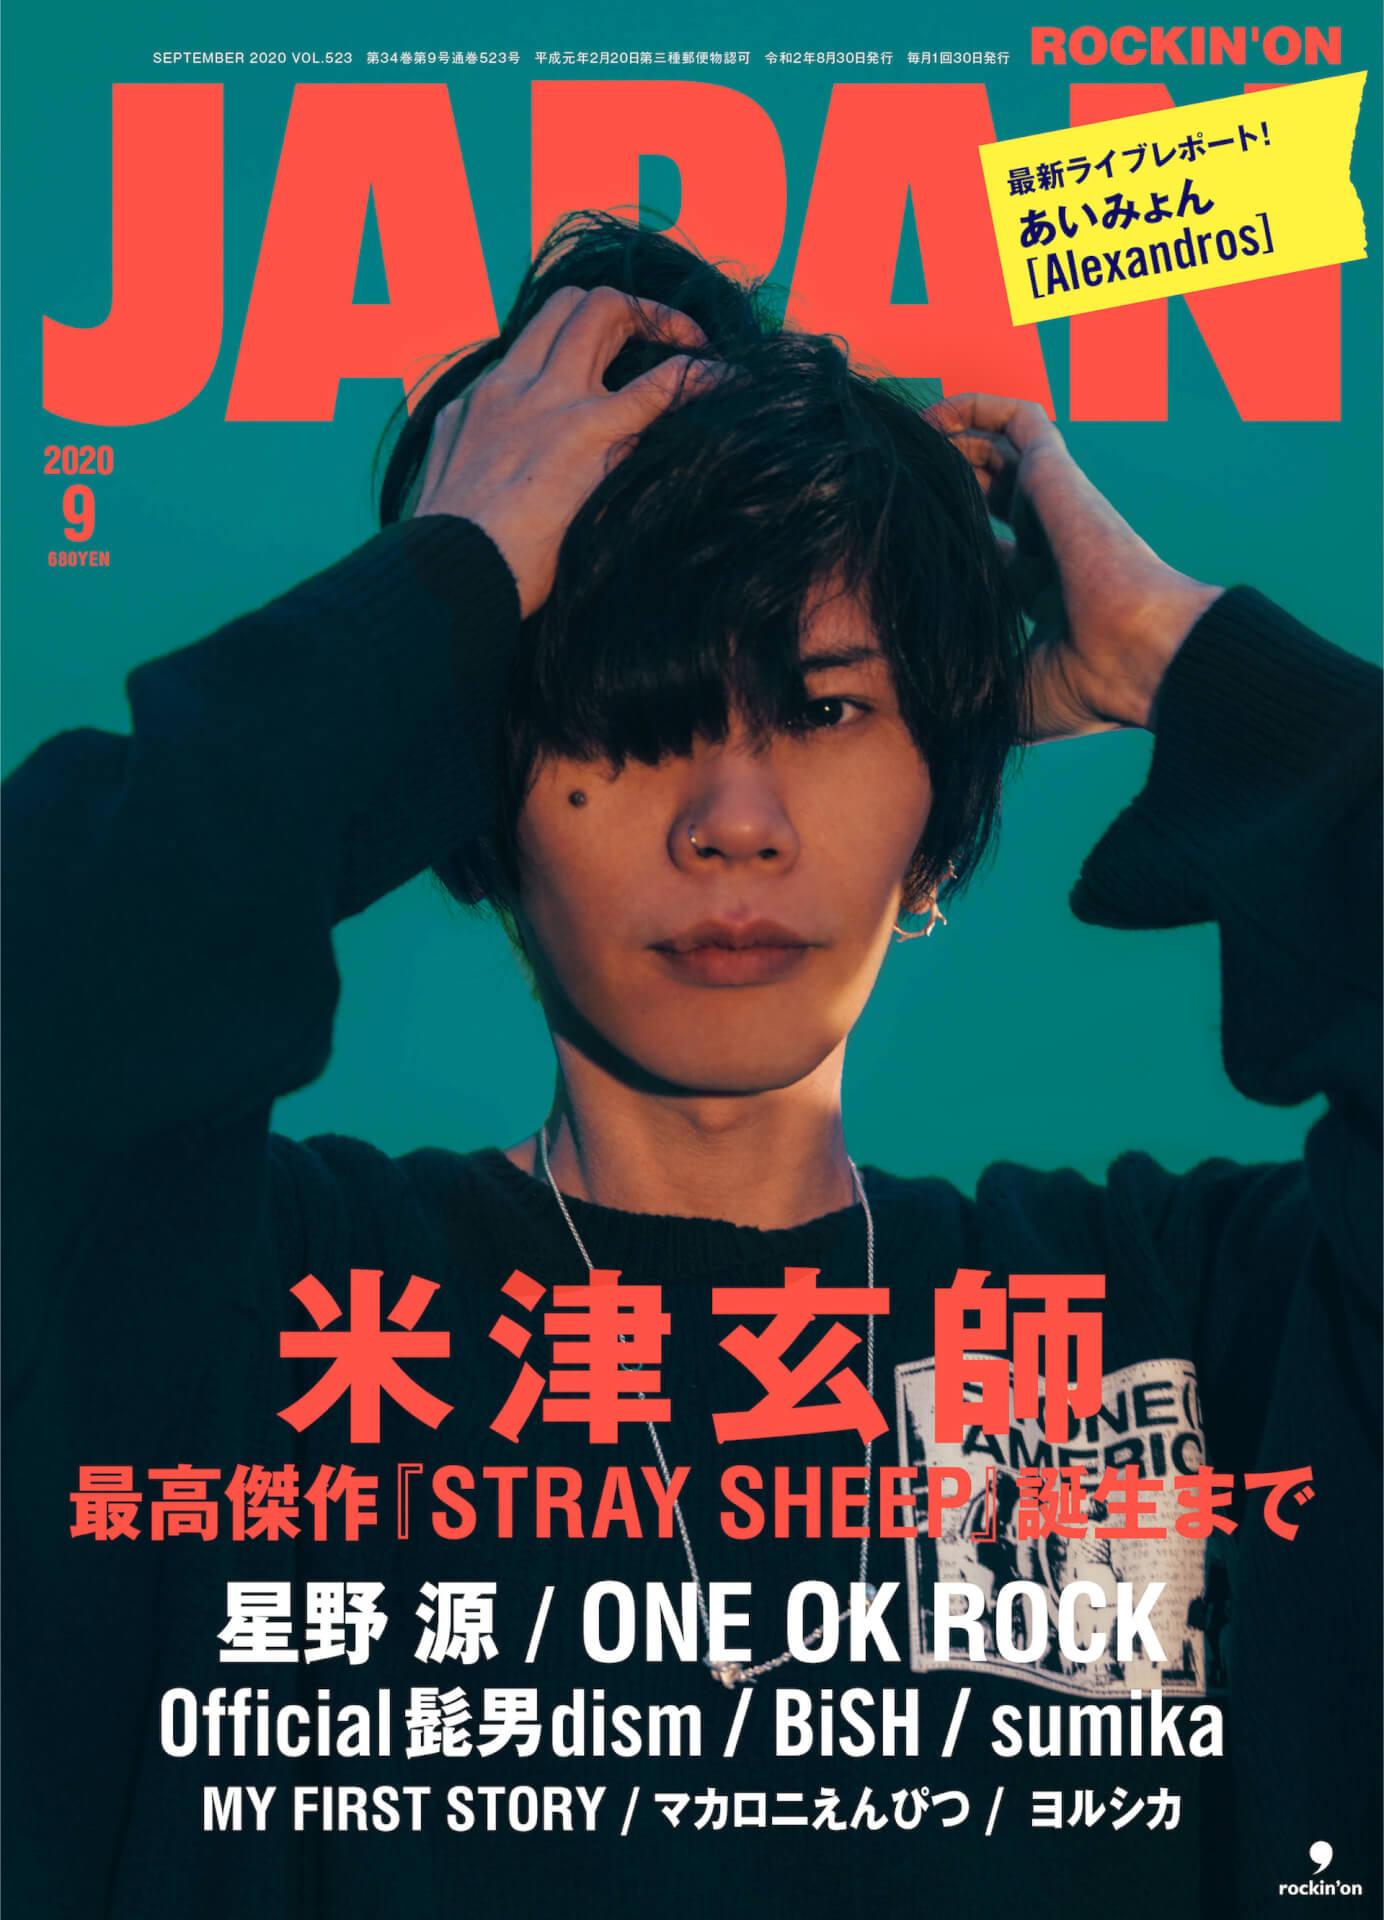 米津玄師が『ROCKIN'ON JAPAN』9月号で『STRAY SHEEP』を語り尽くす!表紙解禁&ロングインタビュー収録決定 music200722_yonezukenshi_rockinonjapan_1-1